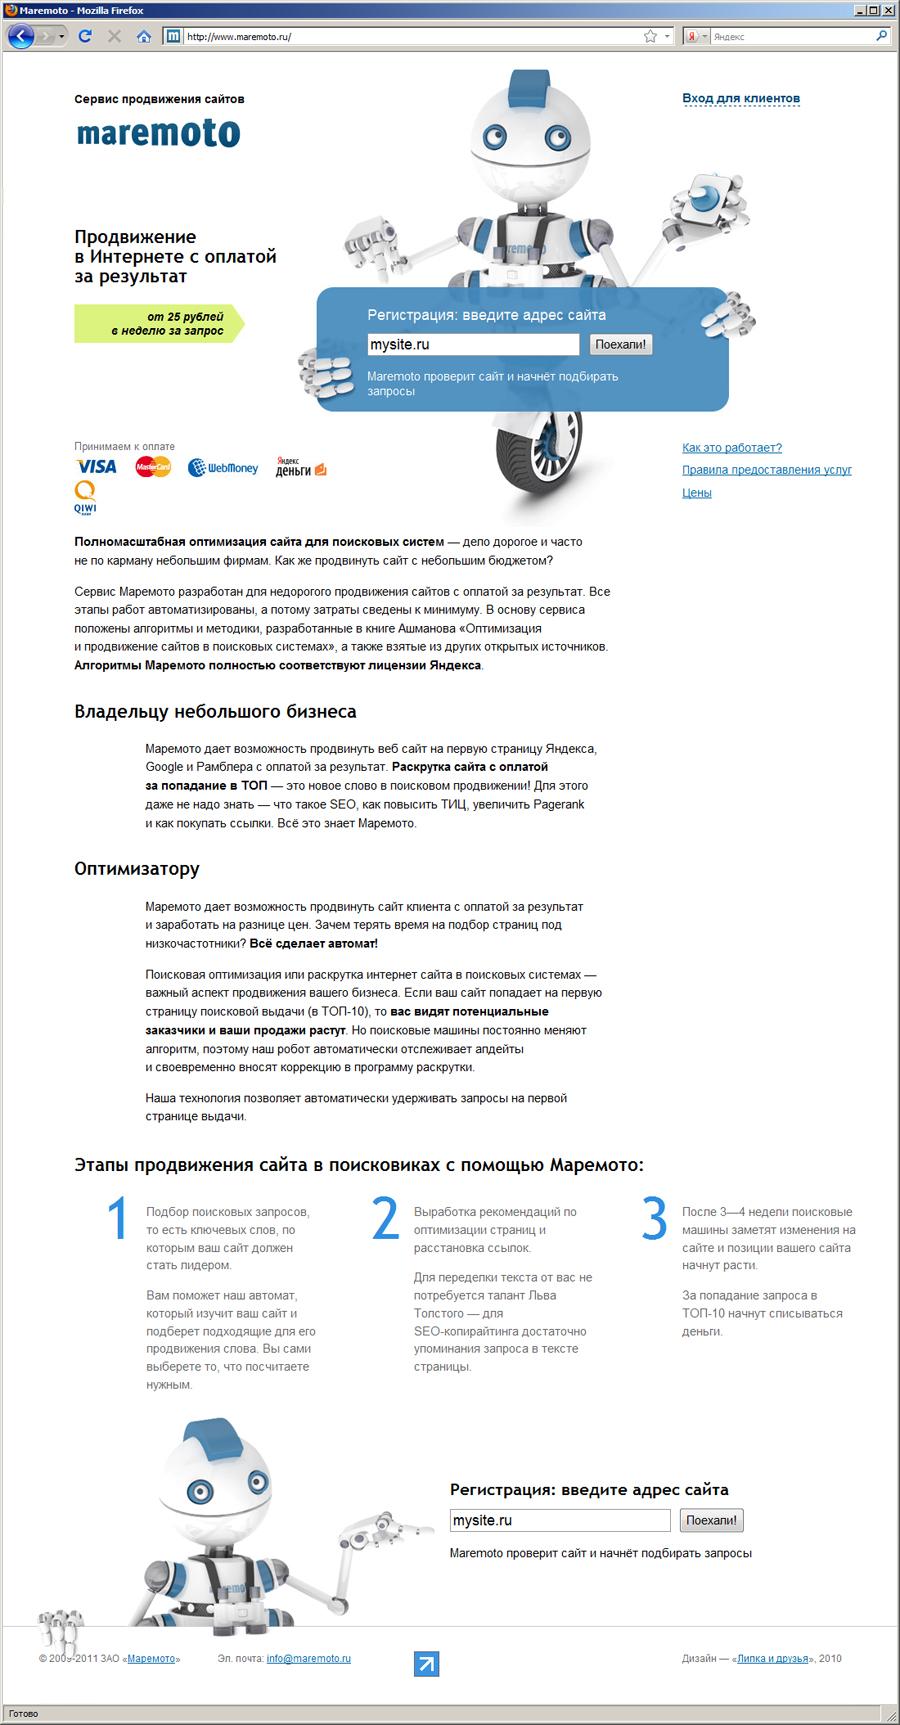 Ашманов оптимизация продвижение сайтов поисковых системах 2009 скачать эффективное продвижение сайтов скачать книгу